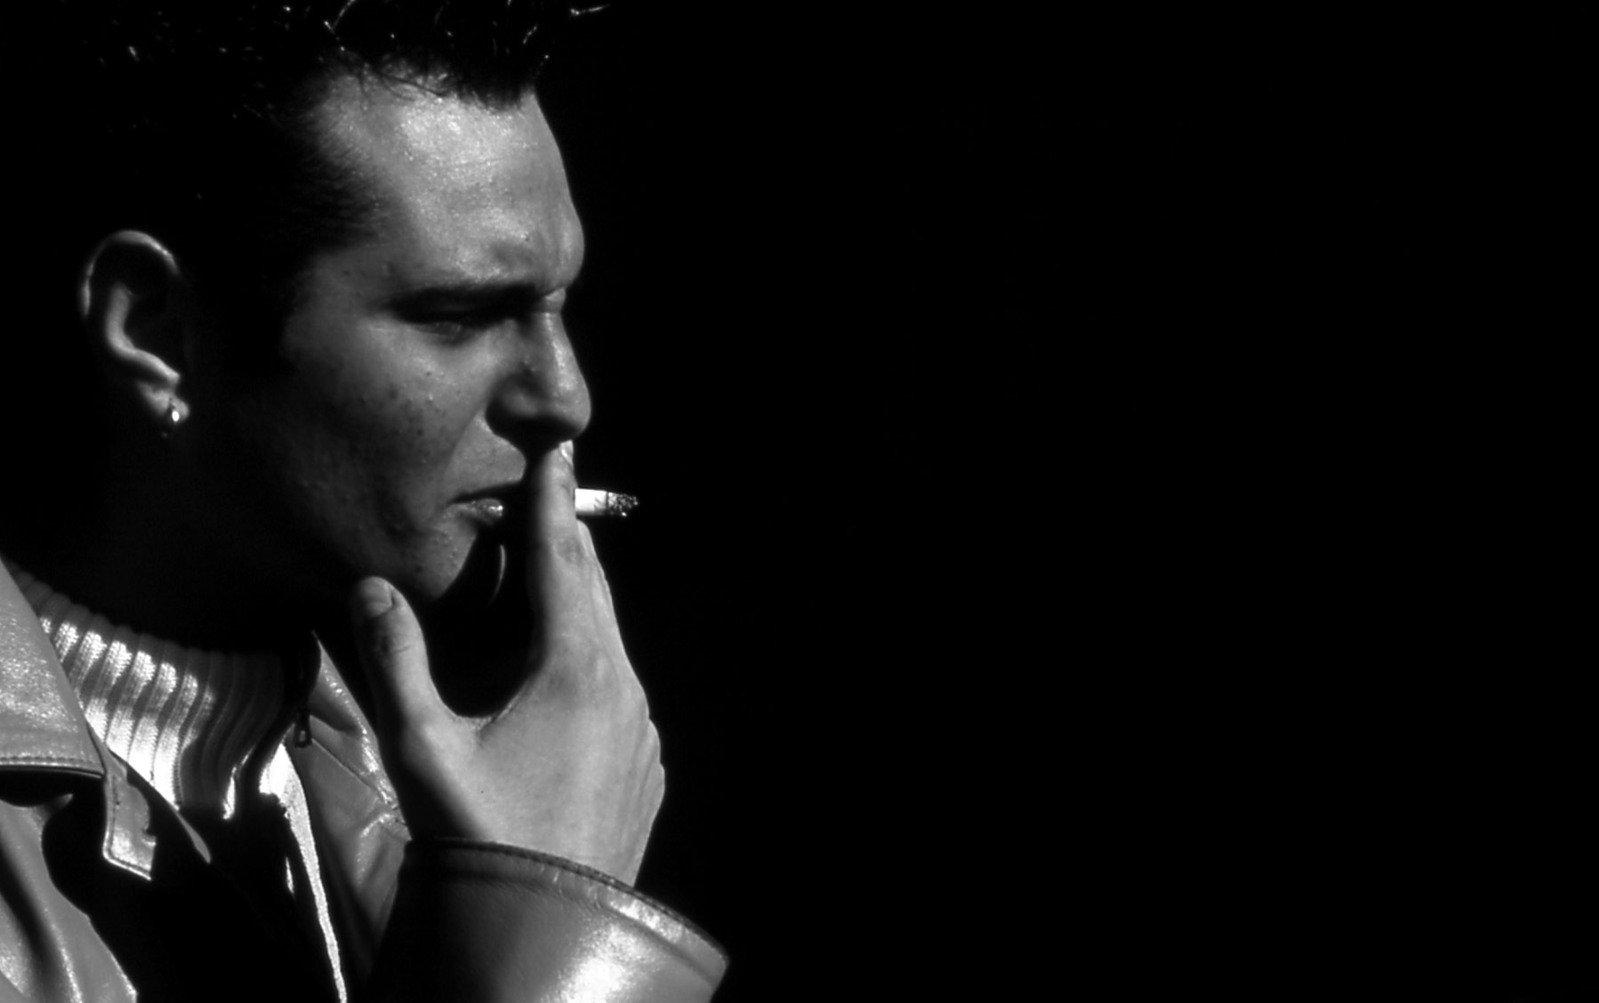 smoking,smoke,cigarette,men